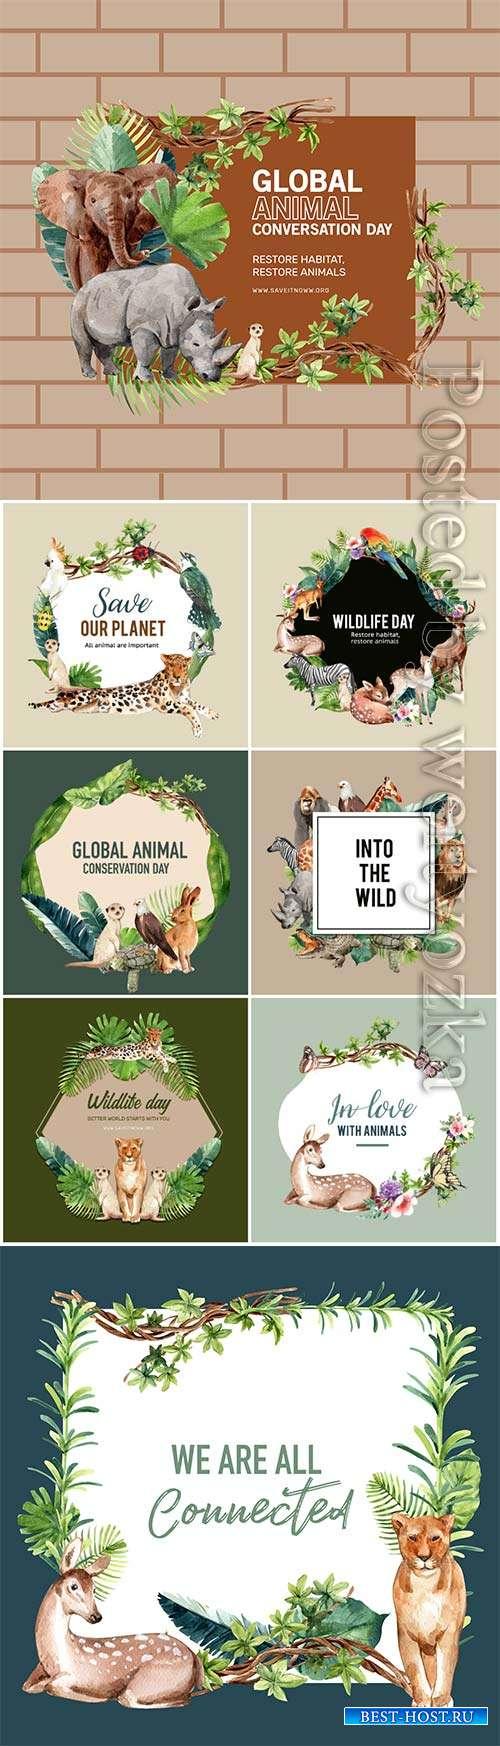 Zoo wreath design with eagle, gorilla, giraffe, rhino watercolor illustrati ...